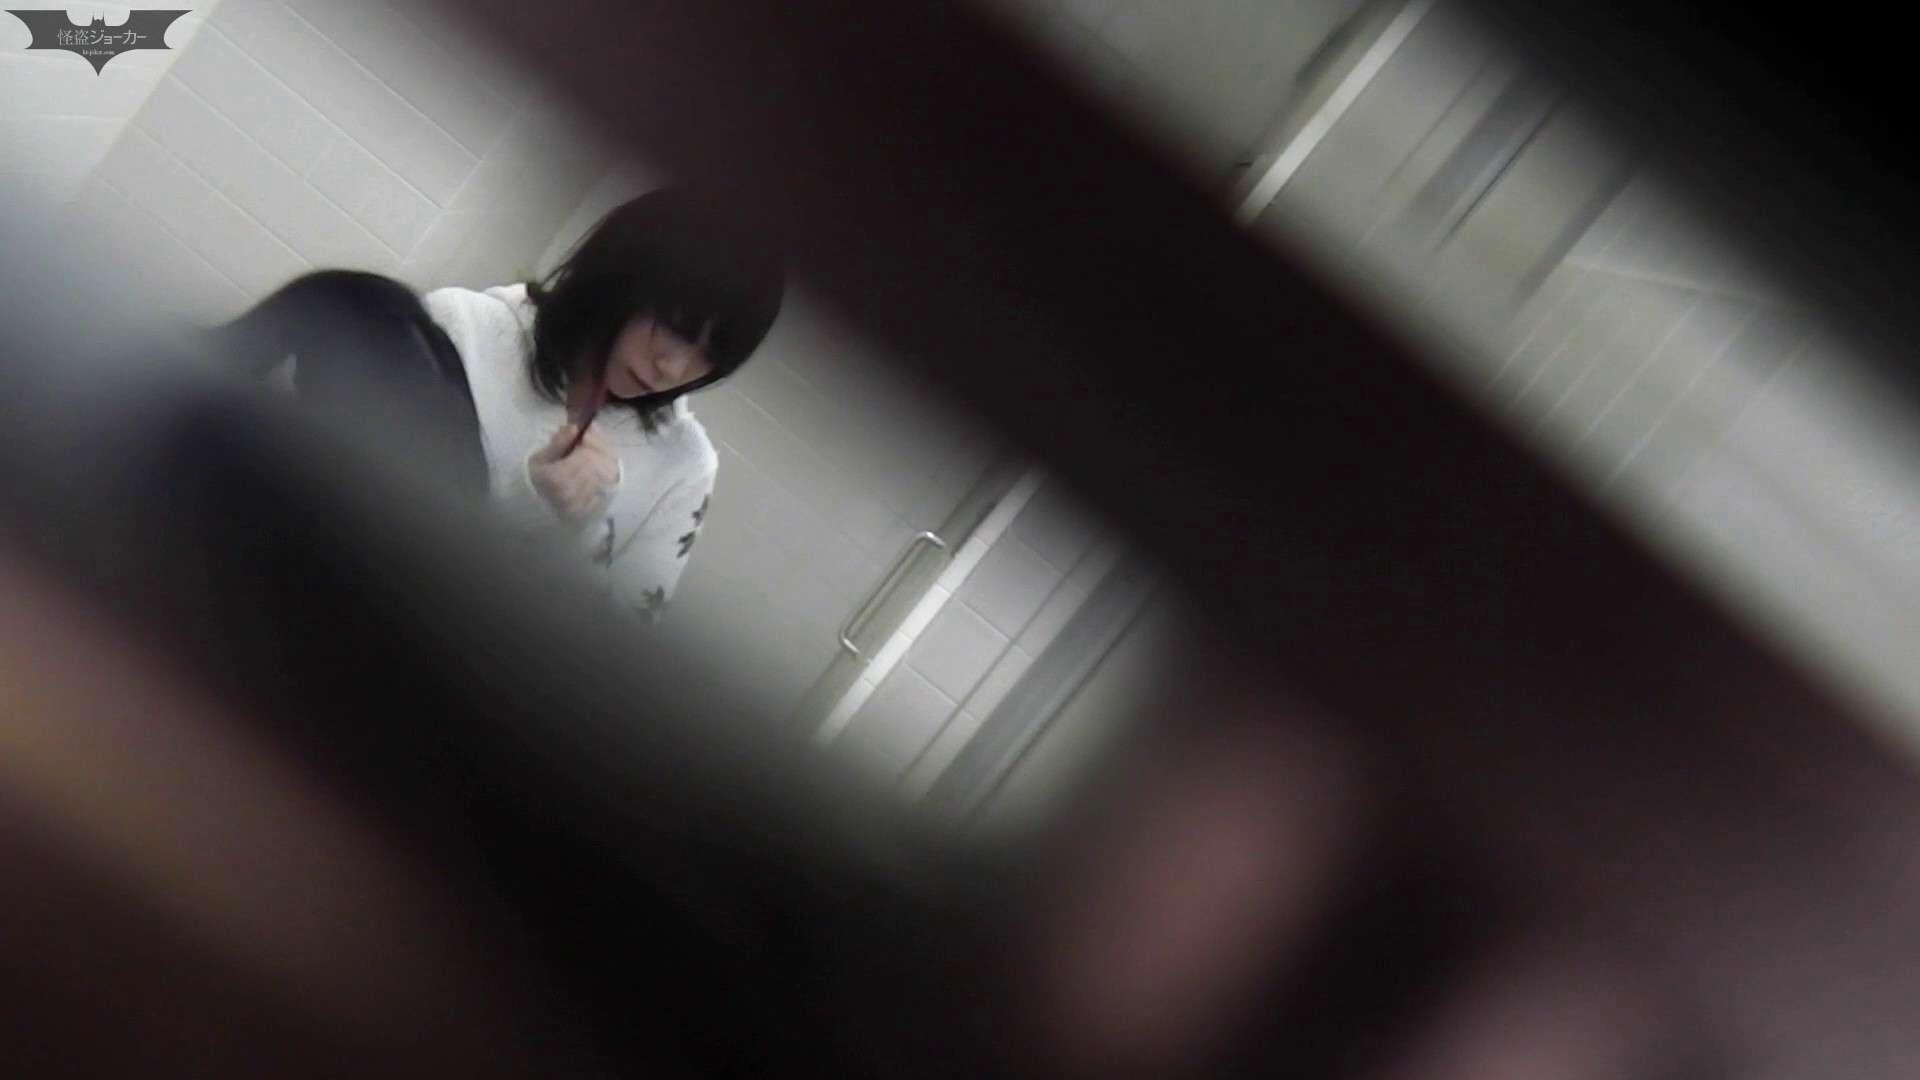 お銀さん vol.58 モデル級?「いやモデルだね!」な美女登場! 洗面所 覗きオメコ動画キャプチャ 63pic 27